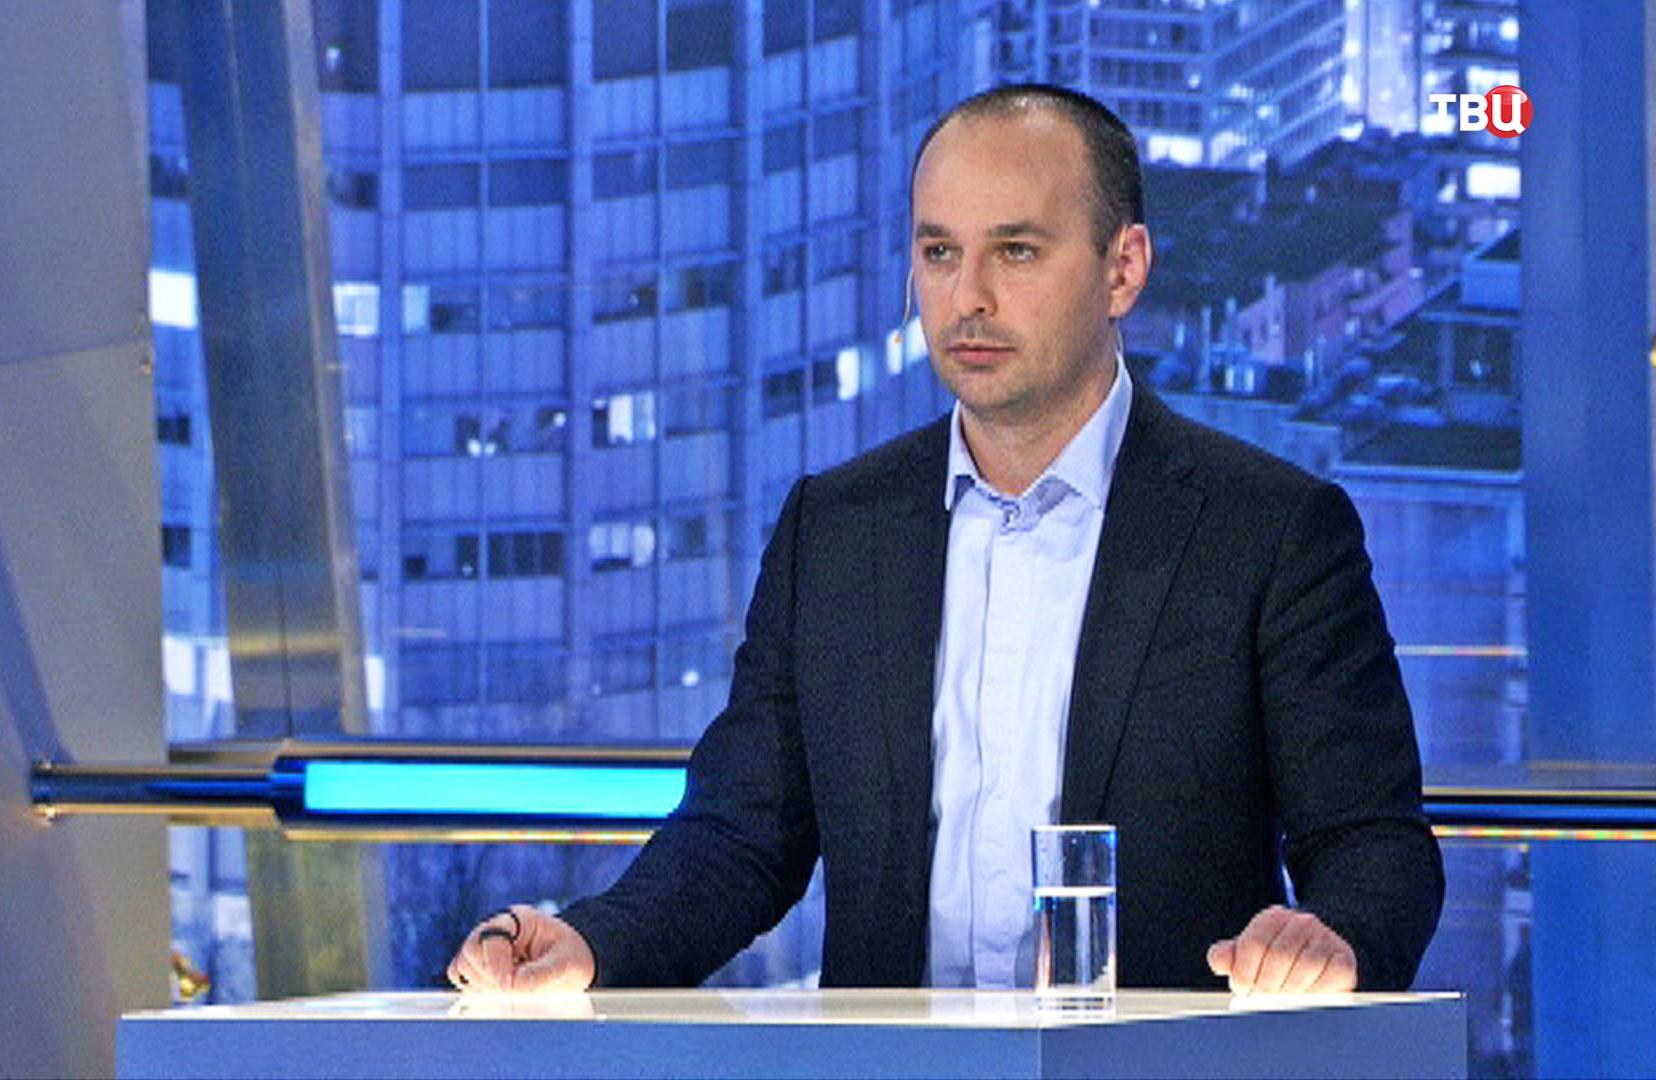 Новости иркутска байкал тв сегодня видео